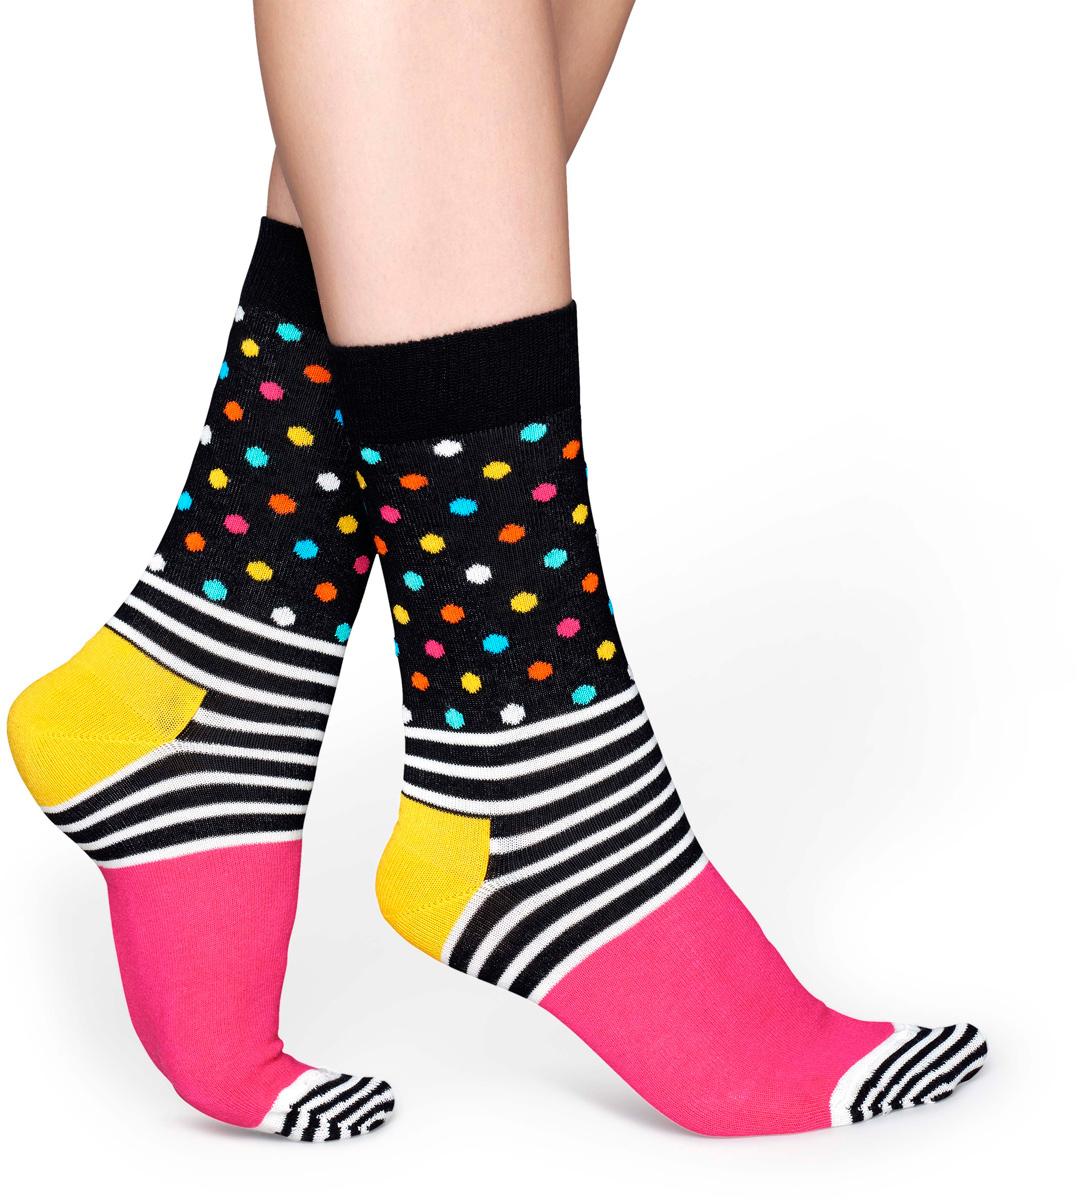 Носки женские Happy socks, цвет: черный, розовый. SDO01. Размер 29SDO01Носки Happy Socks, изготовленные из высококачественного материала, дополнены принтом. Эластичная резинка плотно облегает ногу, не сдавливая ее. Усиленная пятка и мысок обеспечивают надежность и долговечность.